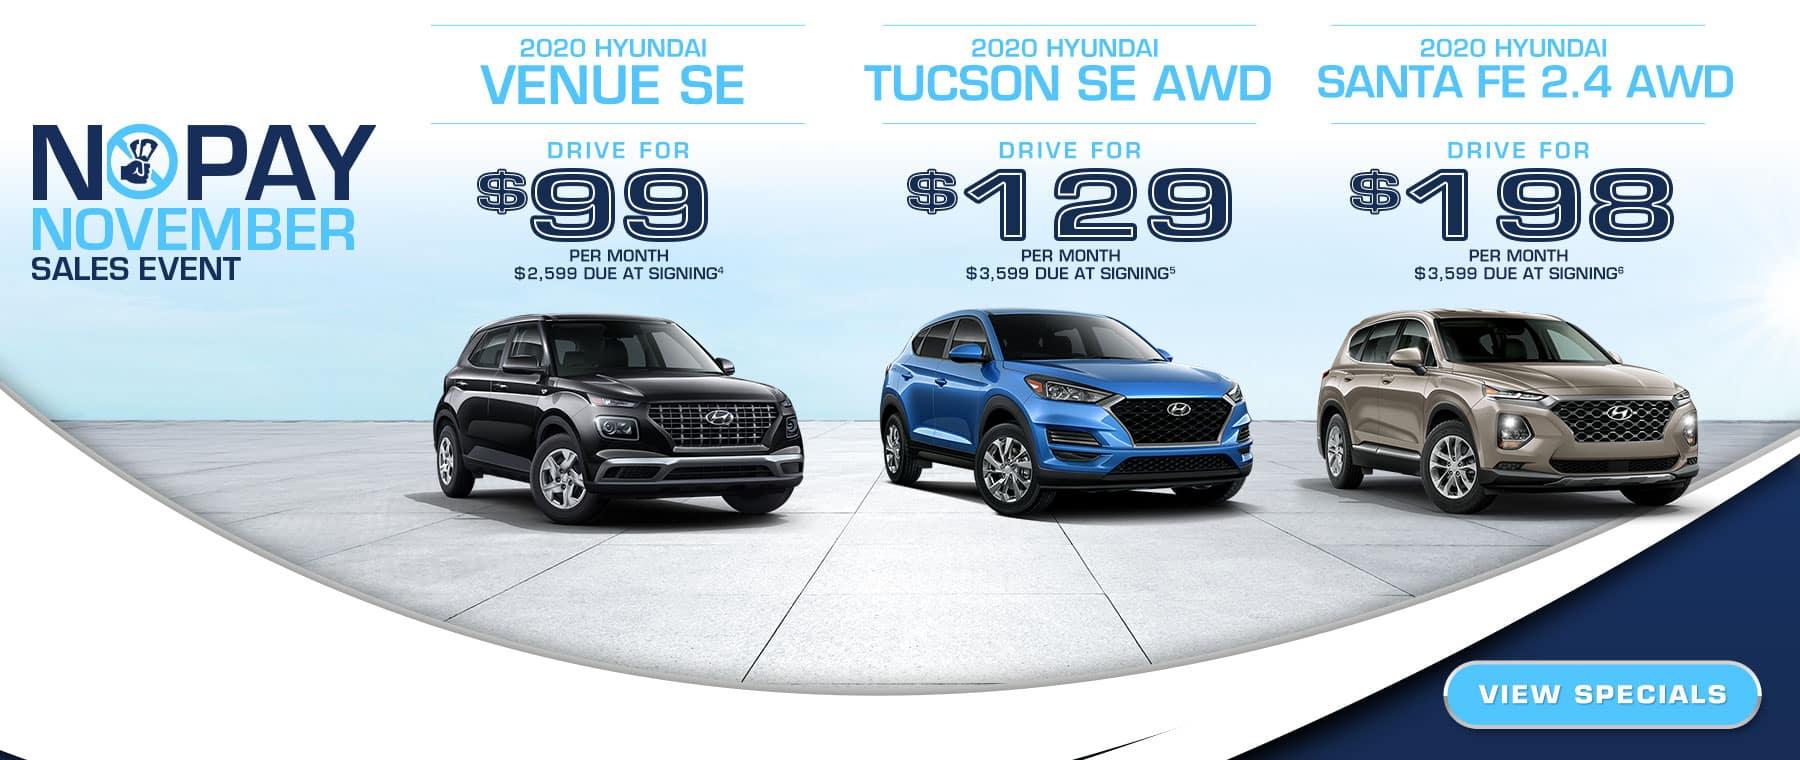 McD_Hyundai_1800x760_Venue_Tucson_SantaFe